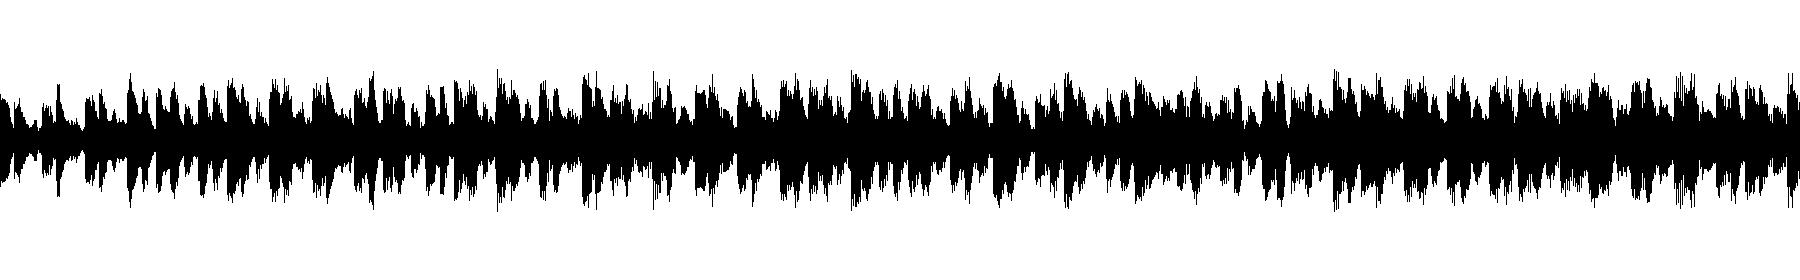 76364 trance lead wav